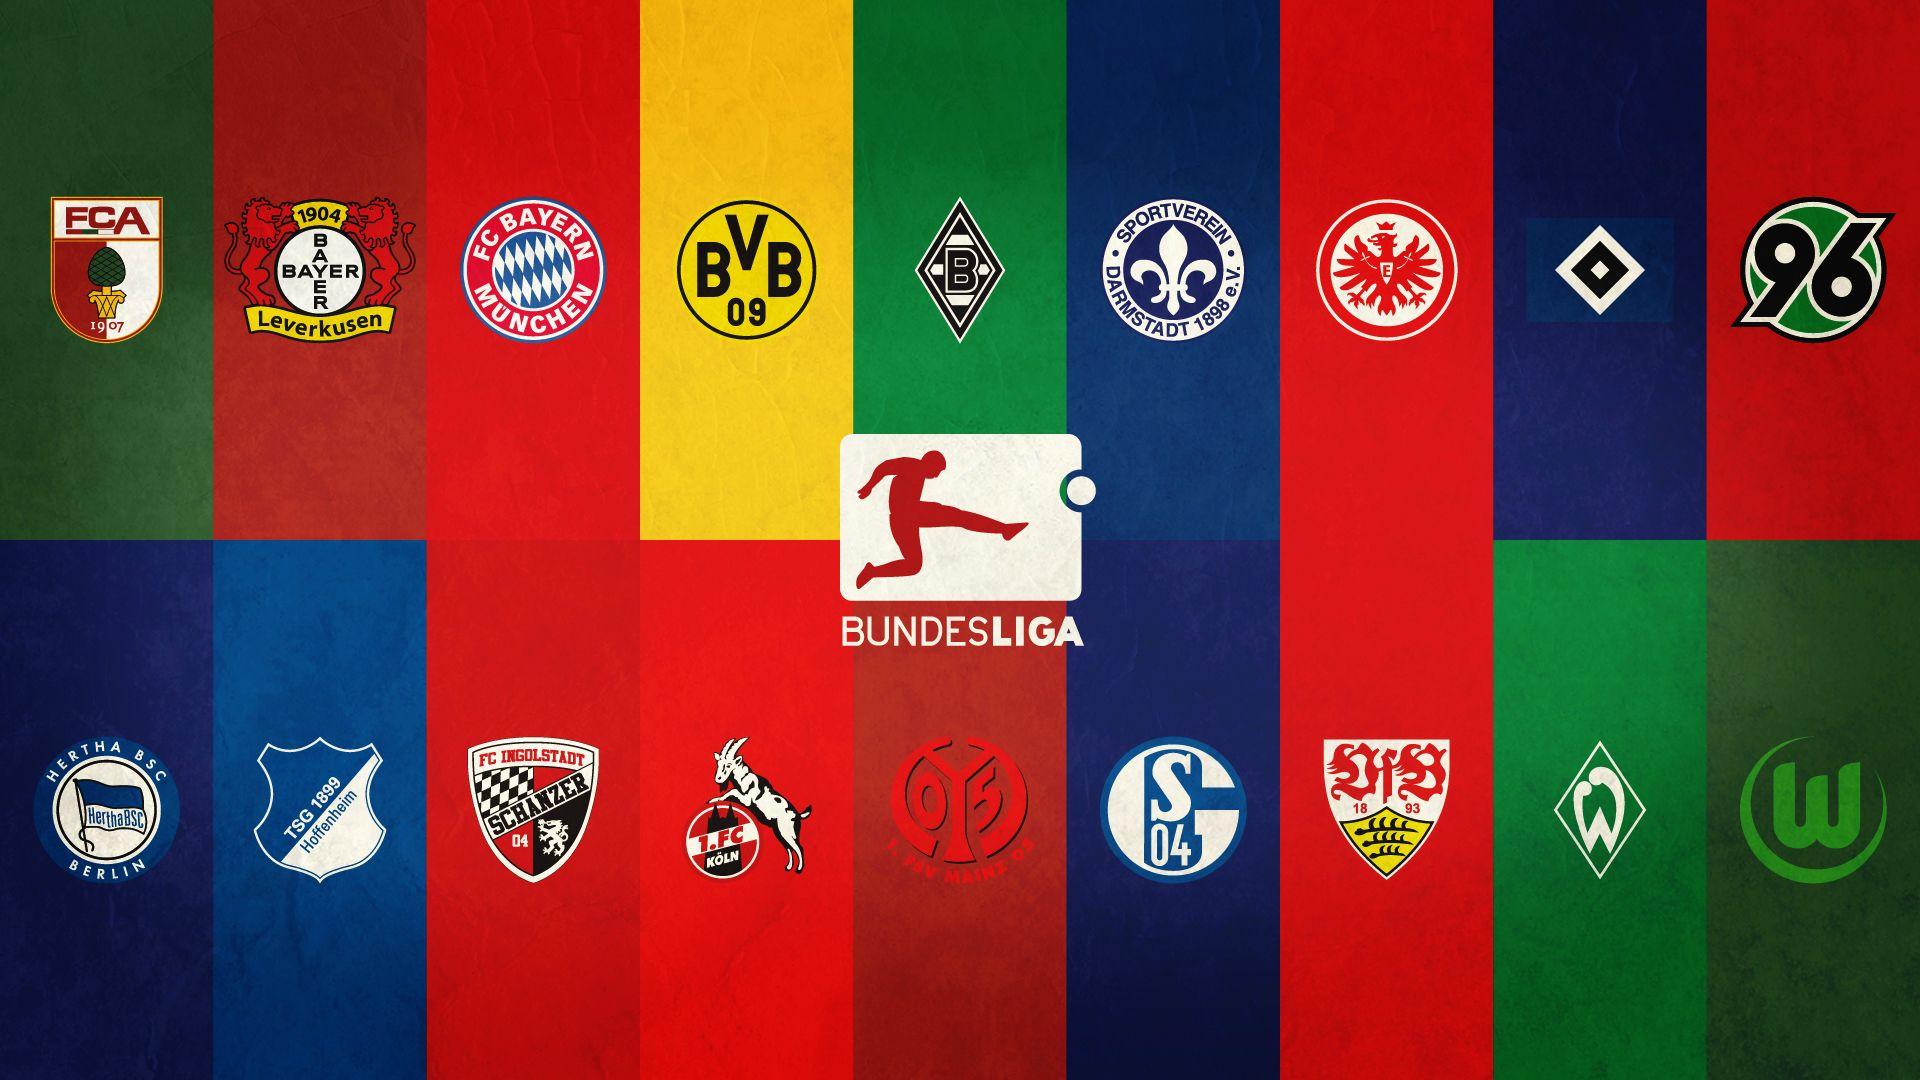 Bundesliga wallpaper by jbernardino on deviantart for Bundesliga videos